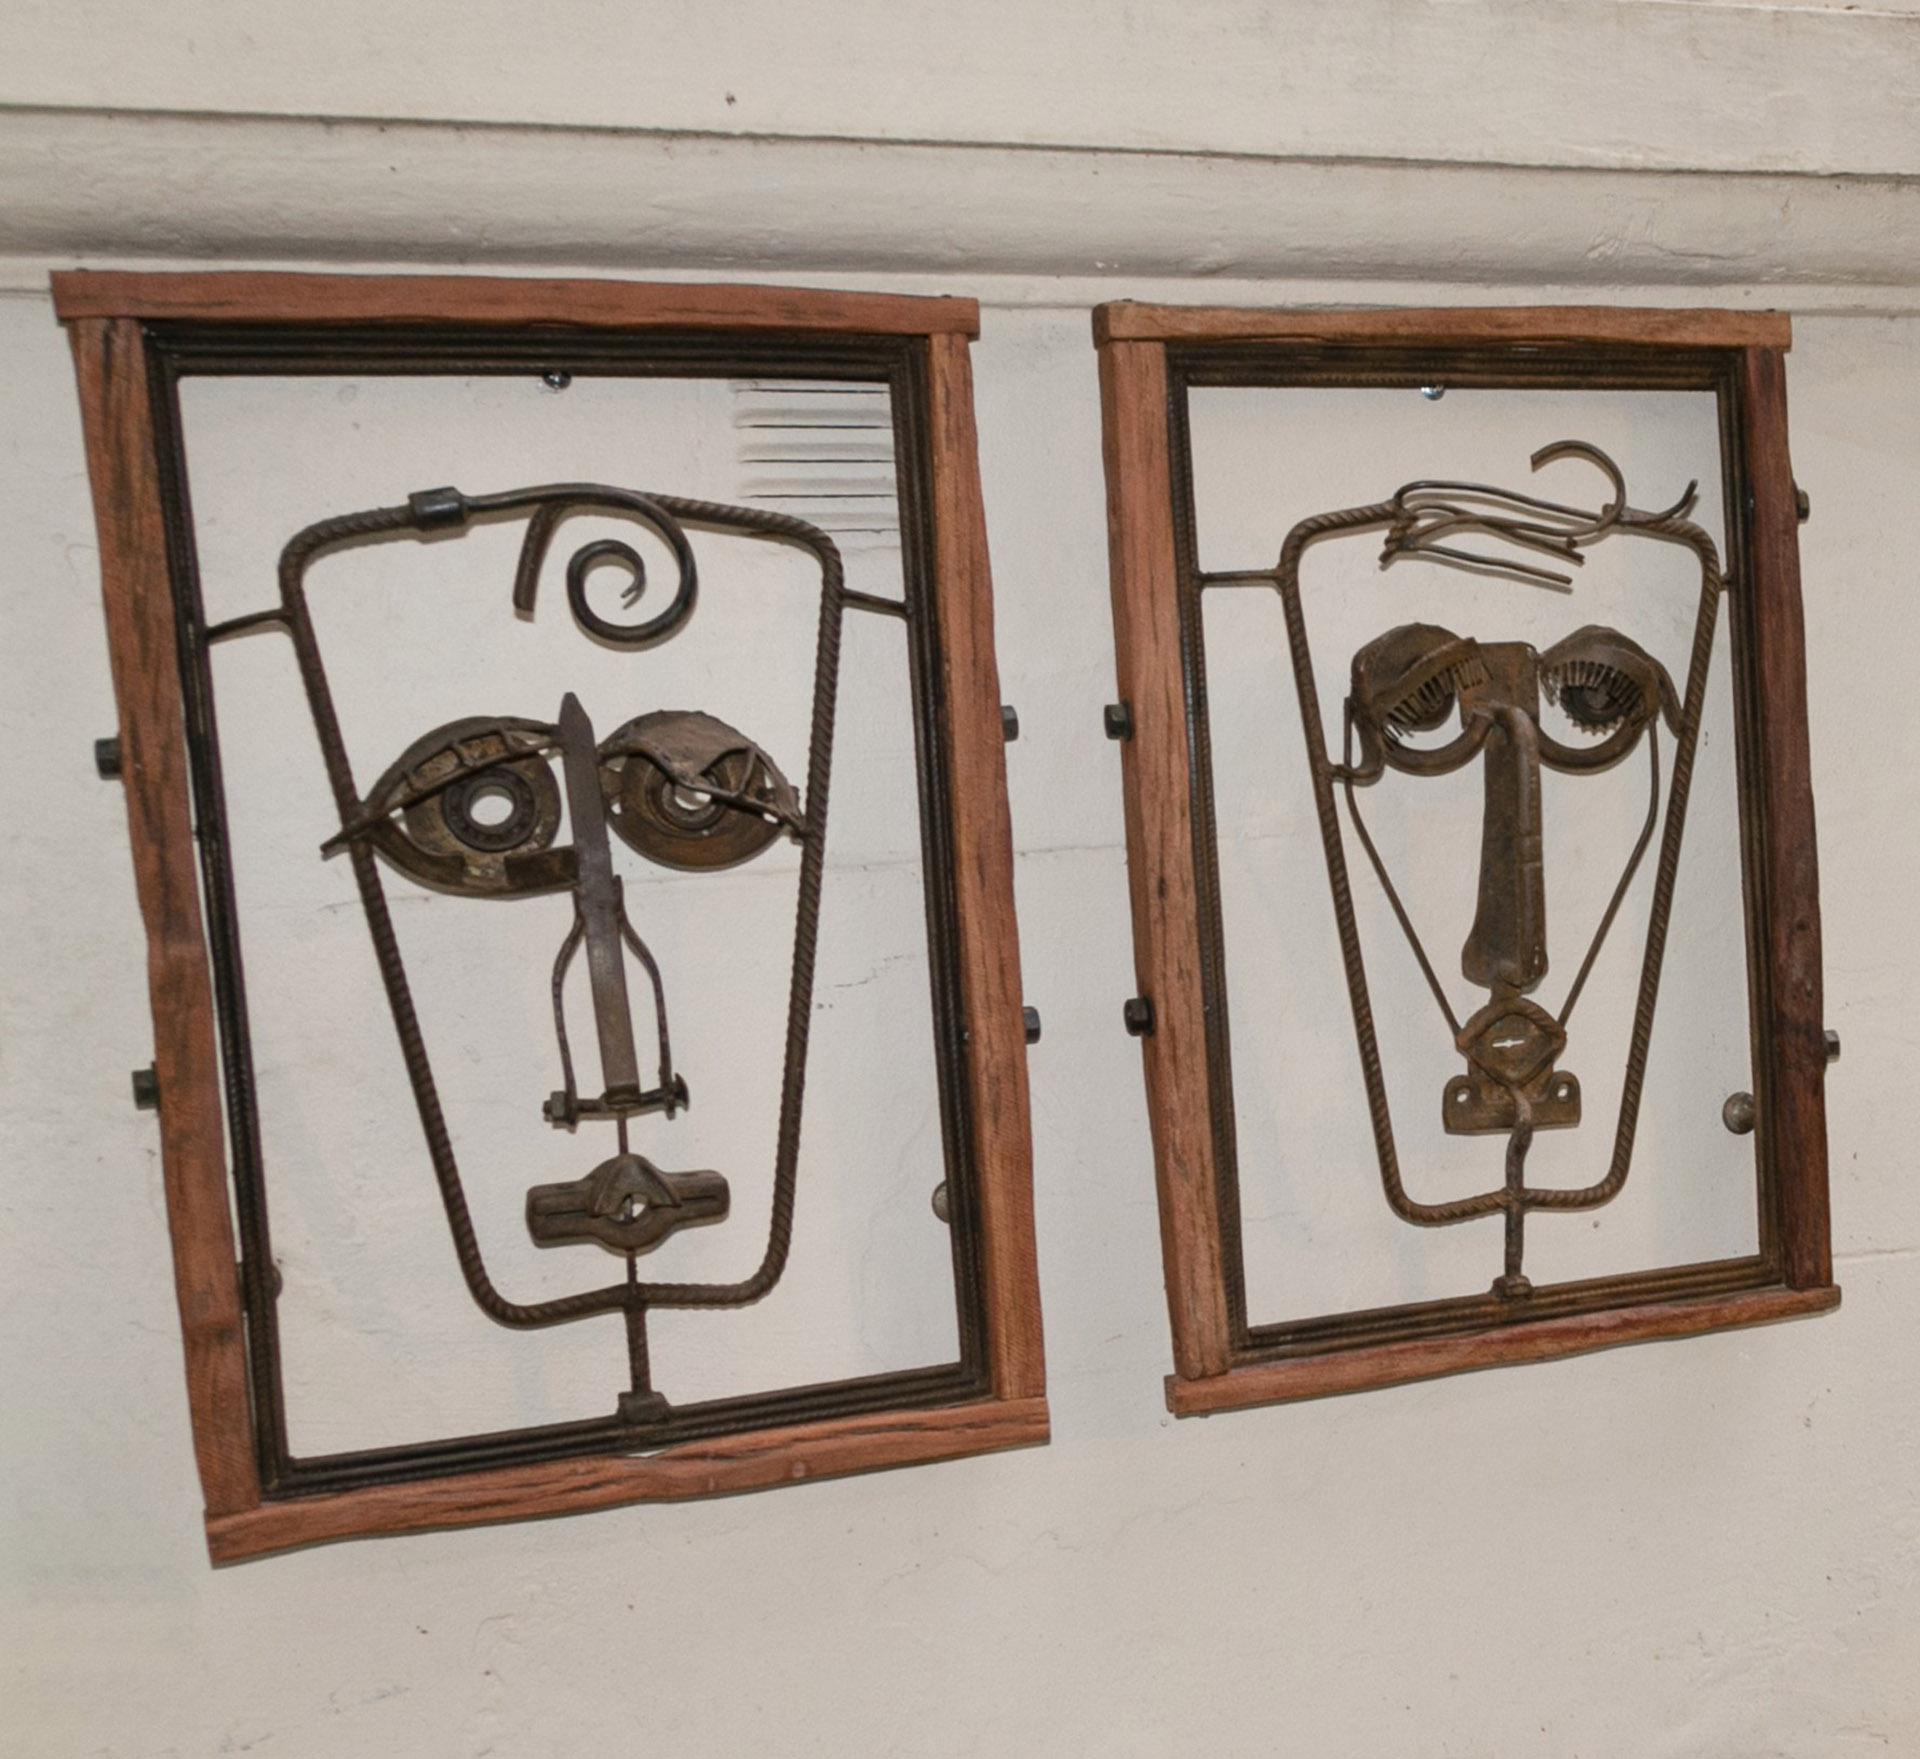 """En nuestro país, Carmela Blanco expuso sus obras en el Centro Cultural Borges, en la Municipalidad de Vicente López, en el Salón Nacional de Artes Visuales """"Palais de Glace"""" y en Expotrastiendas"""